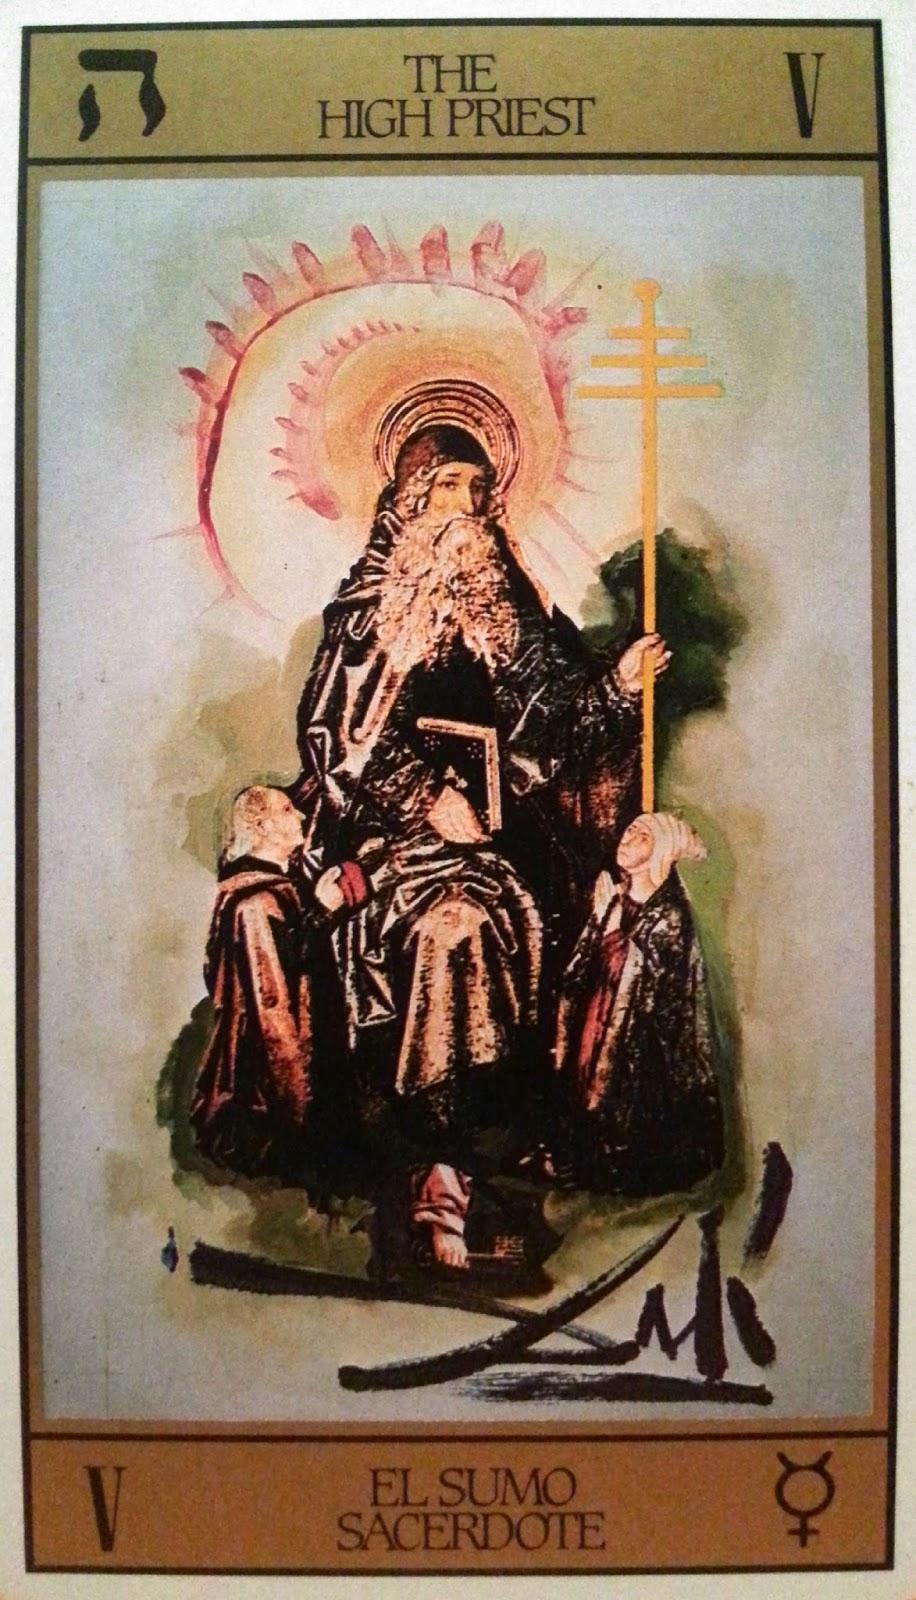 El Sumo Sacerdote. Tarot de Dalí